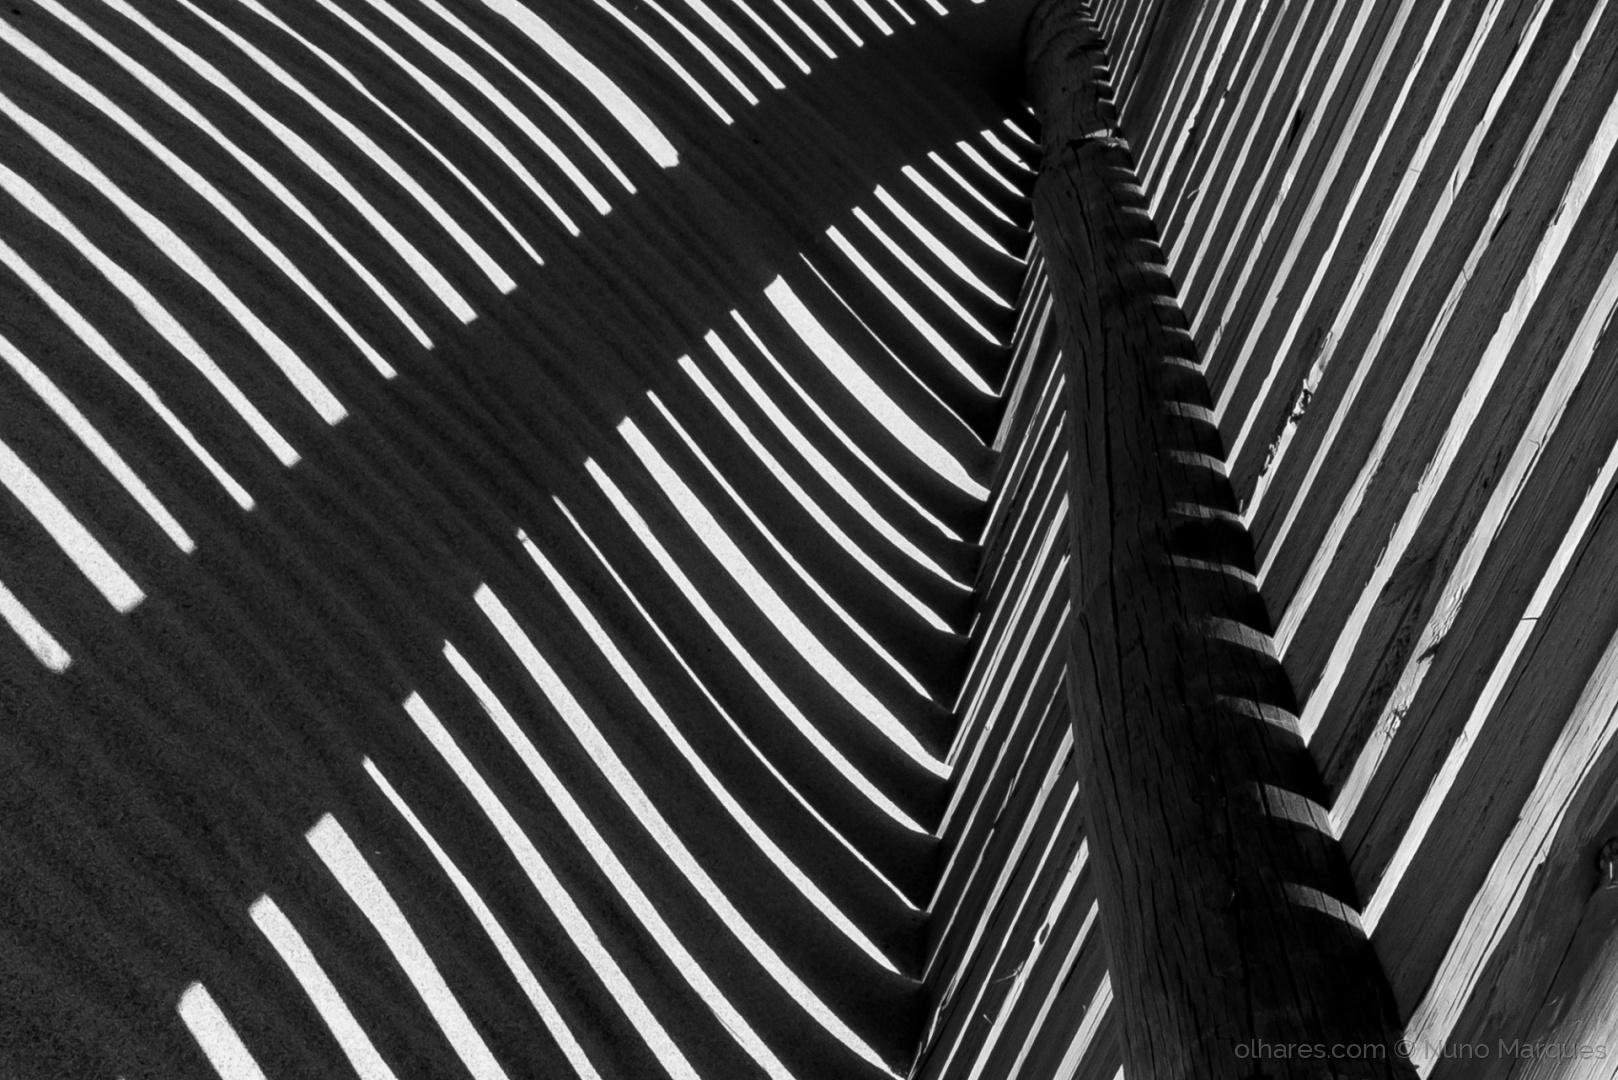 Abstrato/Simetrias de luz e sombra